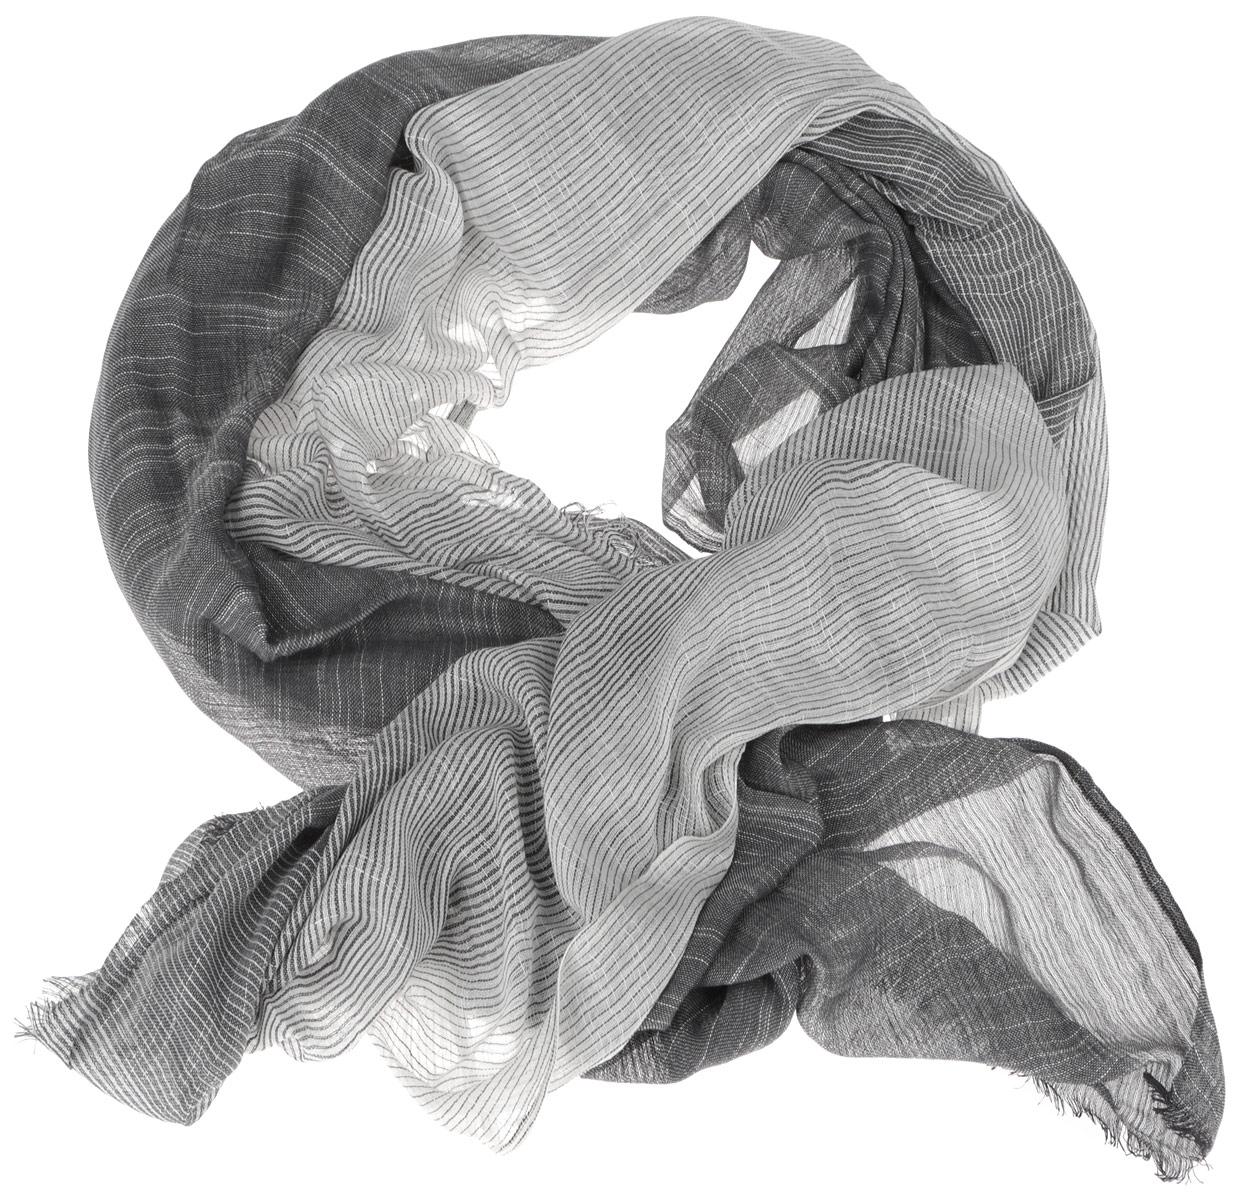 ШарфTUTM063-2Элегантный мужской шарф Fabretti согреет вас в холодное время года, а также станет изысканным аксессуаром, который призван подчеркнуть ваш стиль и индивидуальность. Оригинальный легкий шарф выполнен из натурального хлопка и оформлен оригинальным цветовым градиентом с полосками. Такой шарф станет превосходным дополнением к любому наряду, защитит вас от ветра и холода и позволит вам создать свой неповторимый стиль.